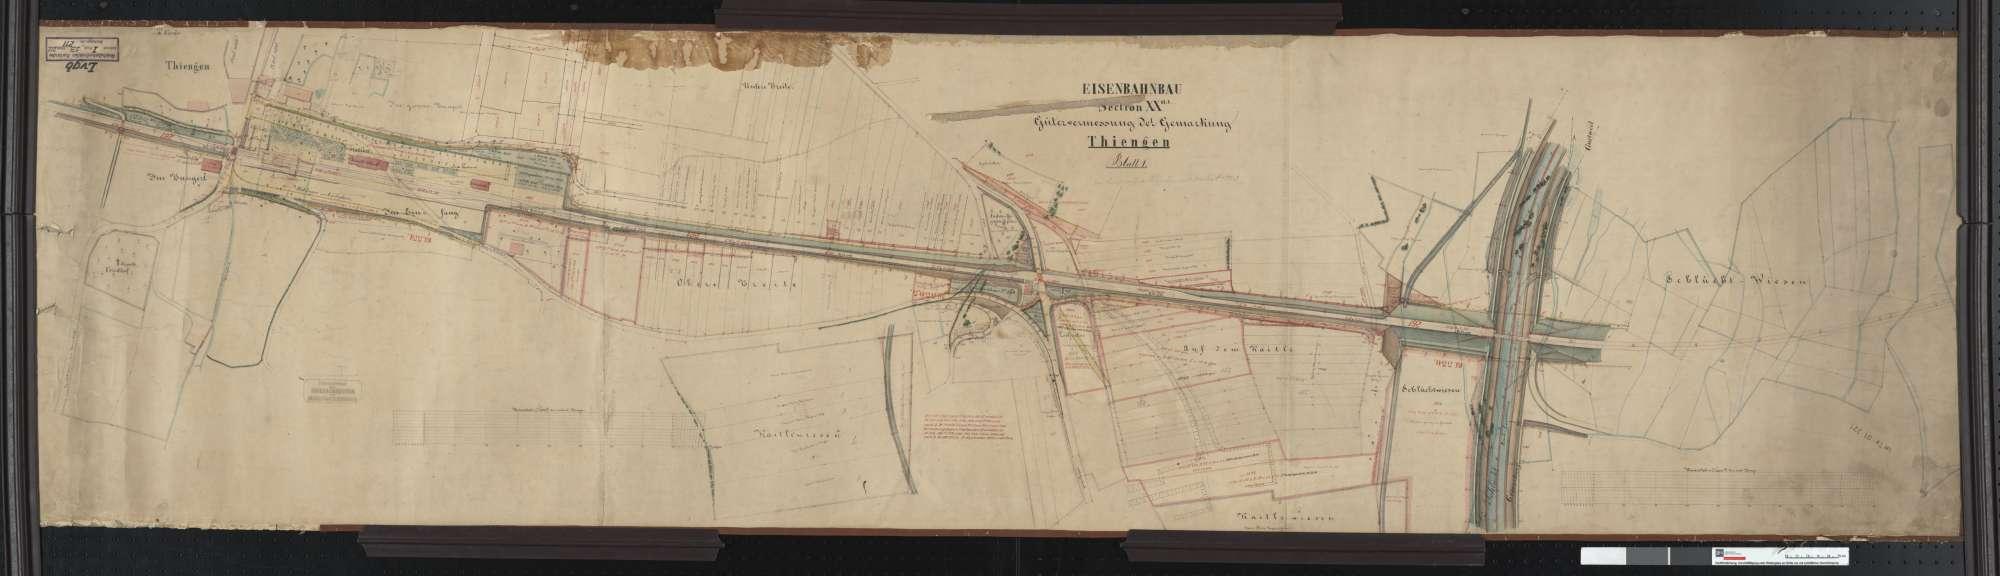 Gütervermessung der Eisenbahn auf der Gemarkung Tiengen Streckenausschnitt: 330,0 bis 331,3 km, Bild 1